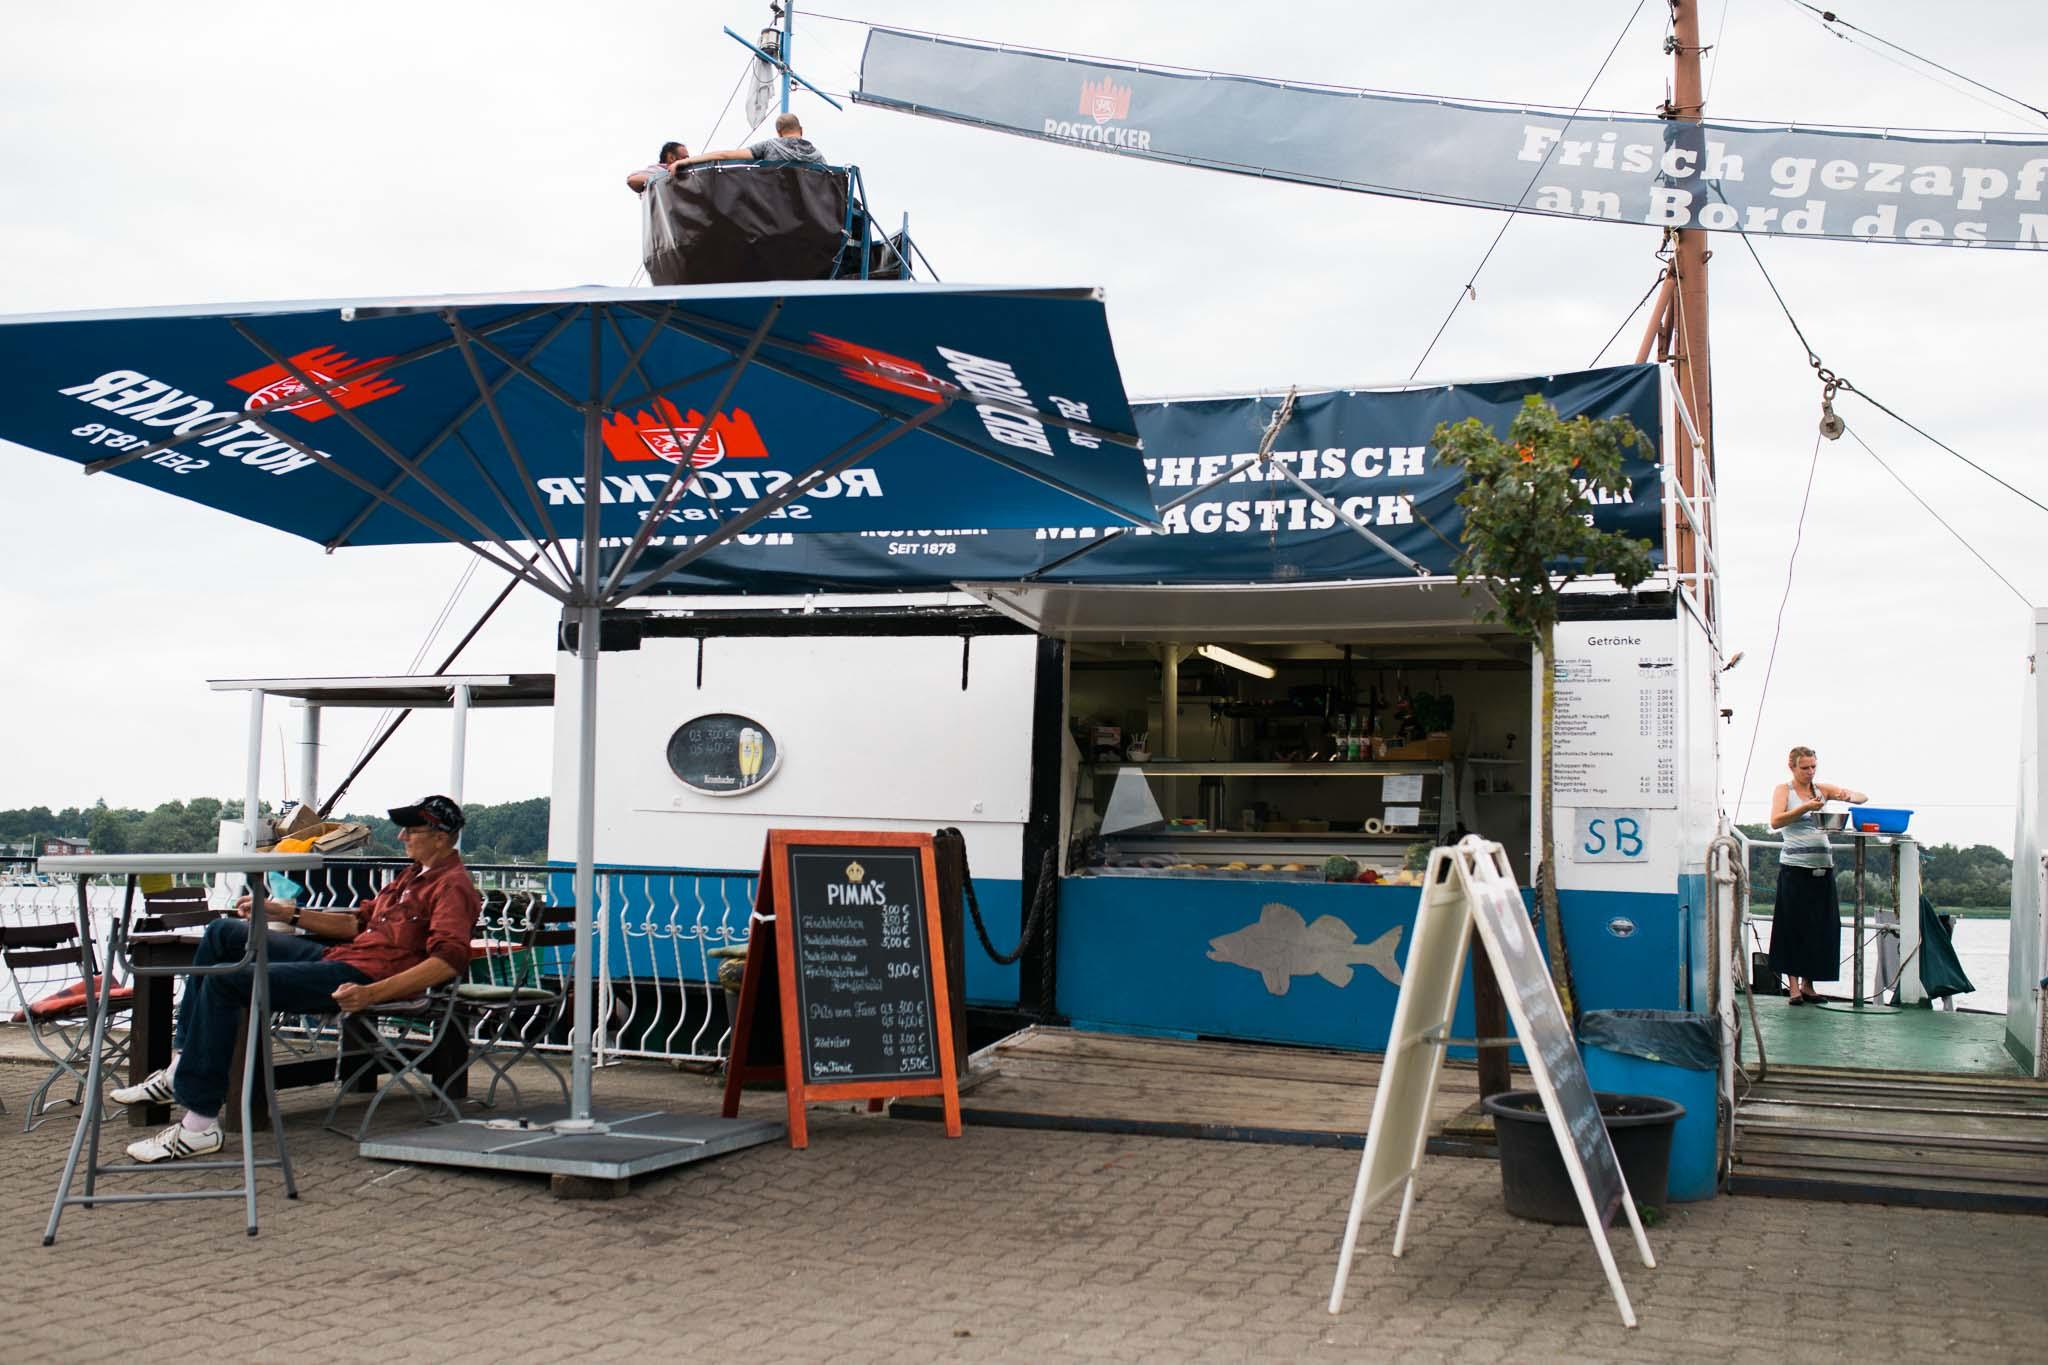 Eine Fischbude am Rostocker Hafen